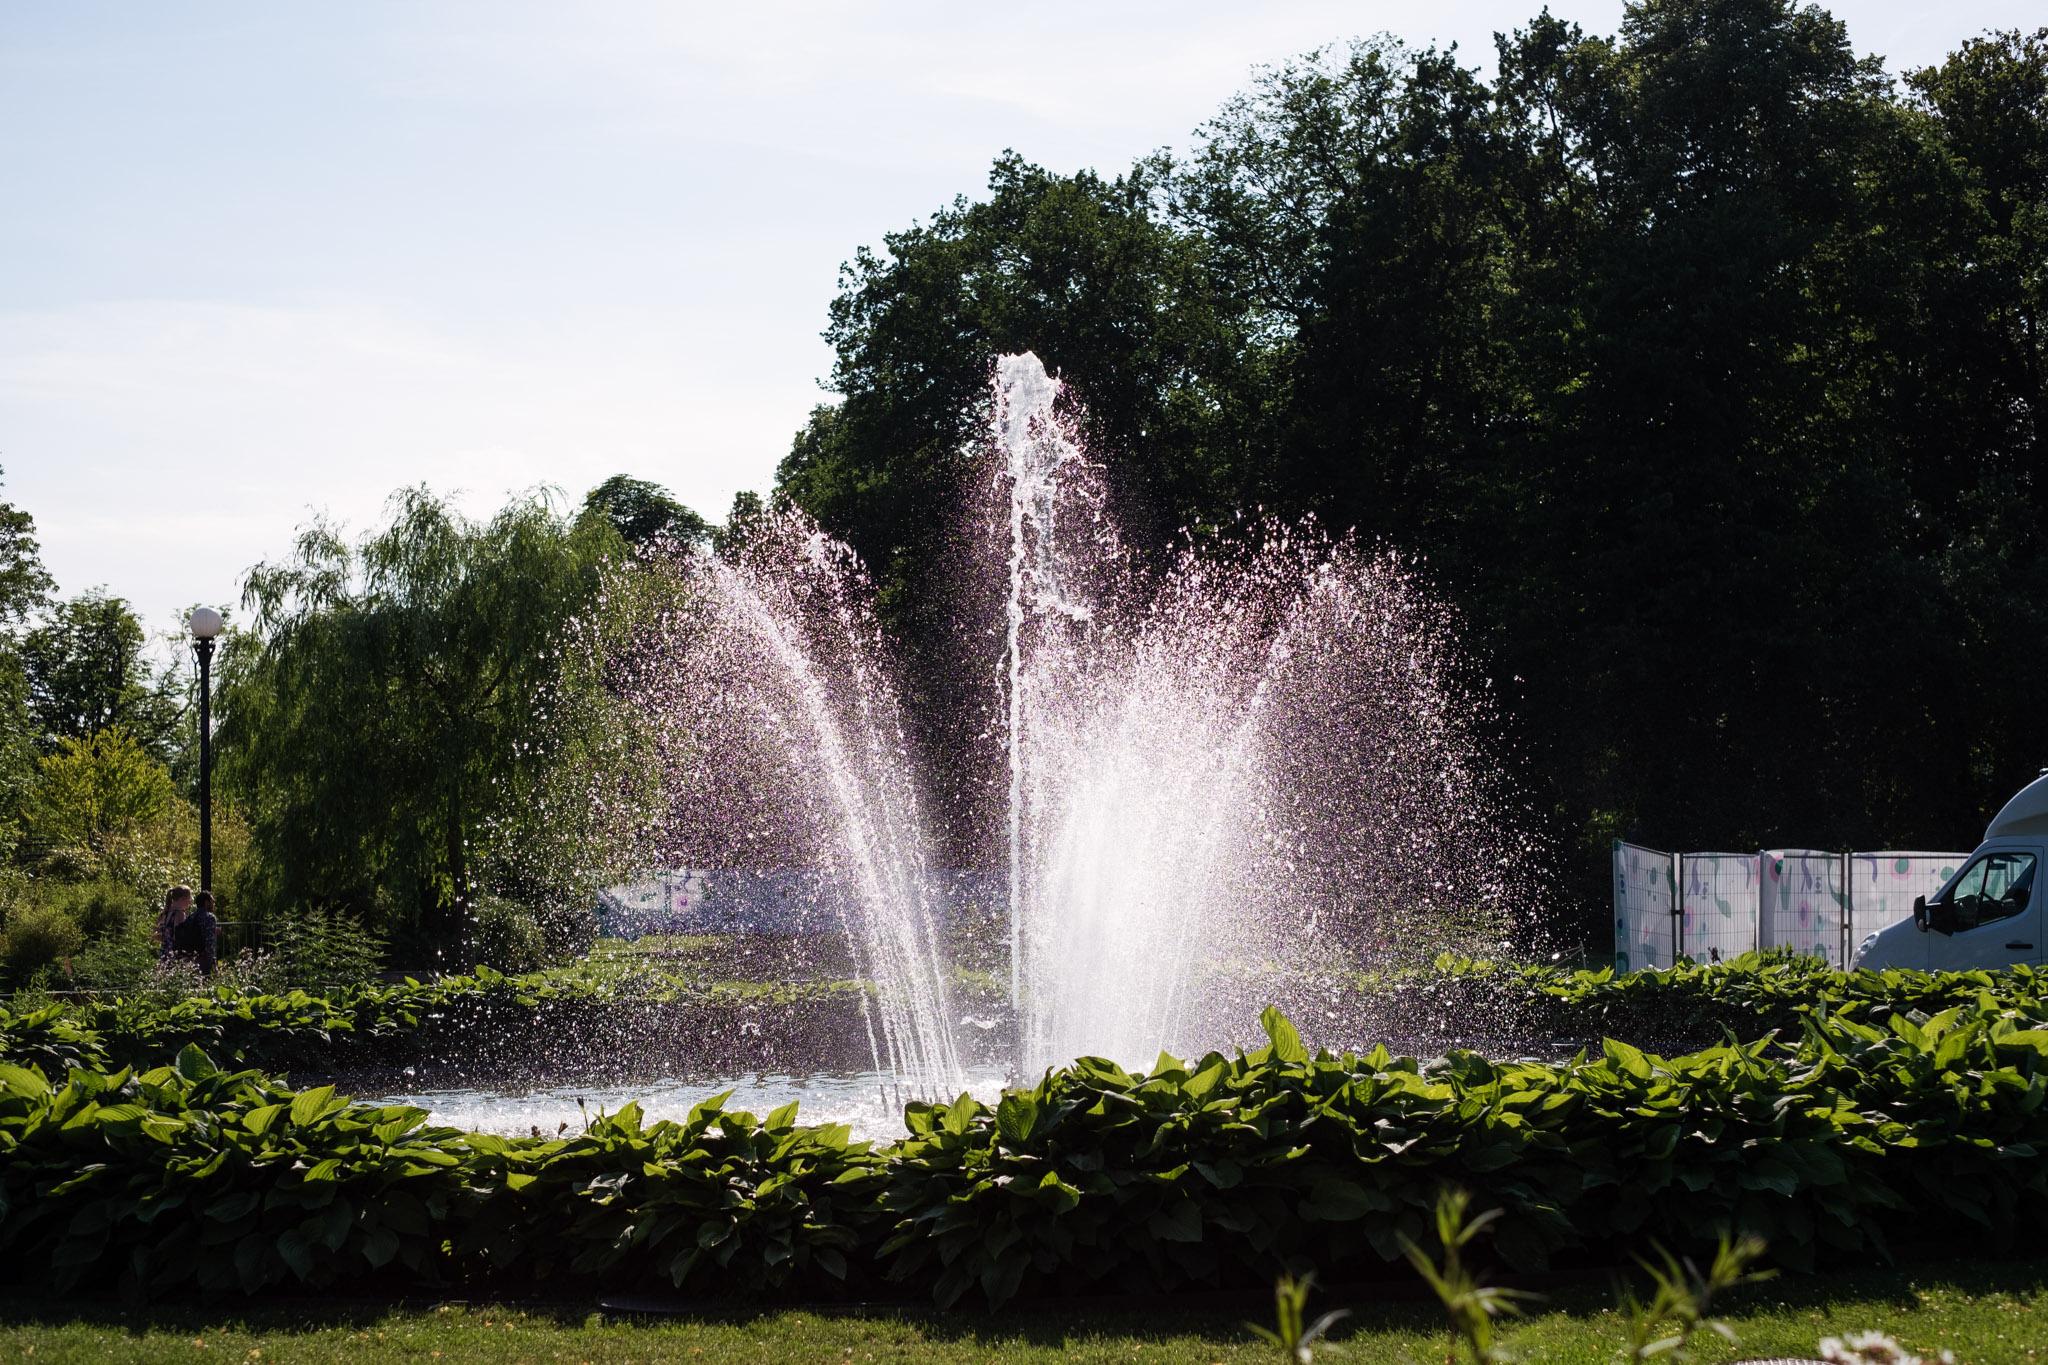 gardenfest_MS027.jpg